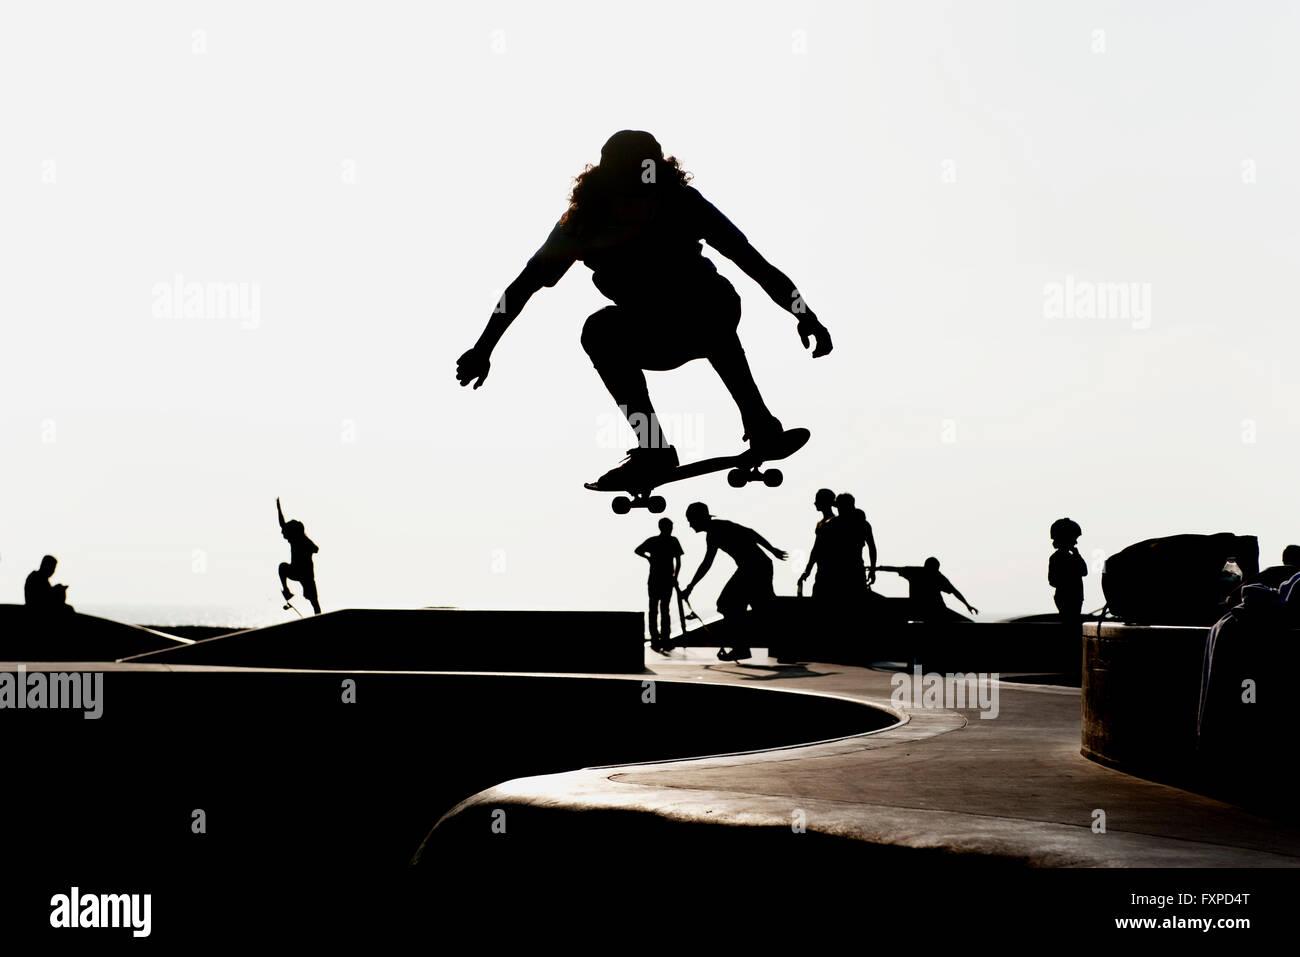 Skateboarder im Skatepark, Silhouette Stockbild